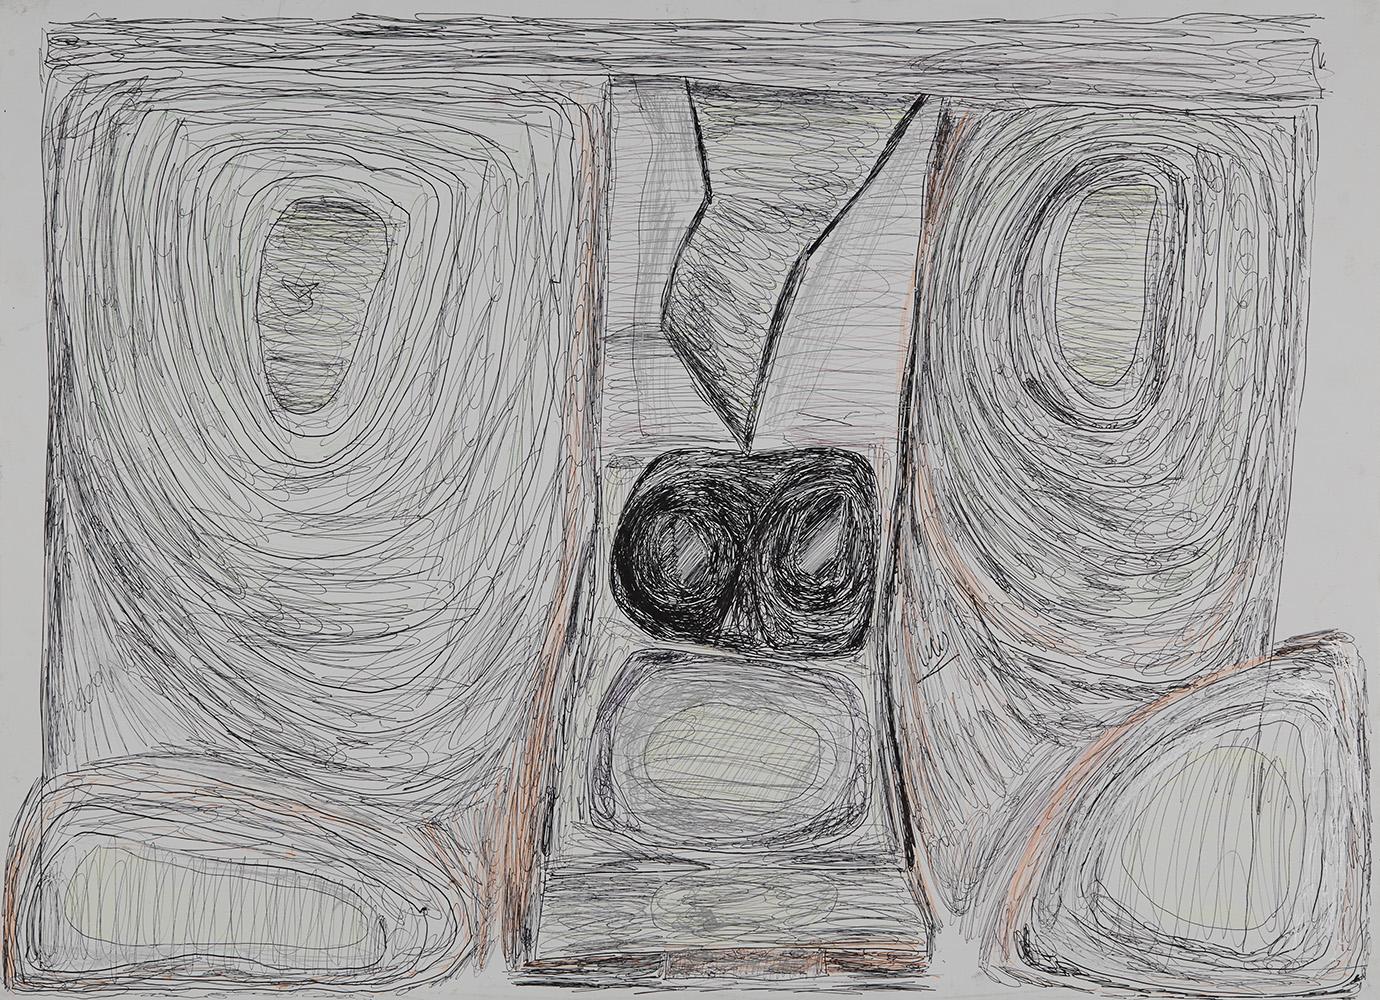 Eric Derkenne    Untitled  , 2006 Ballpoint pen on paper 18.11 x 25.2 inches 46 x 64 cm DERK 1